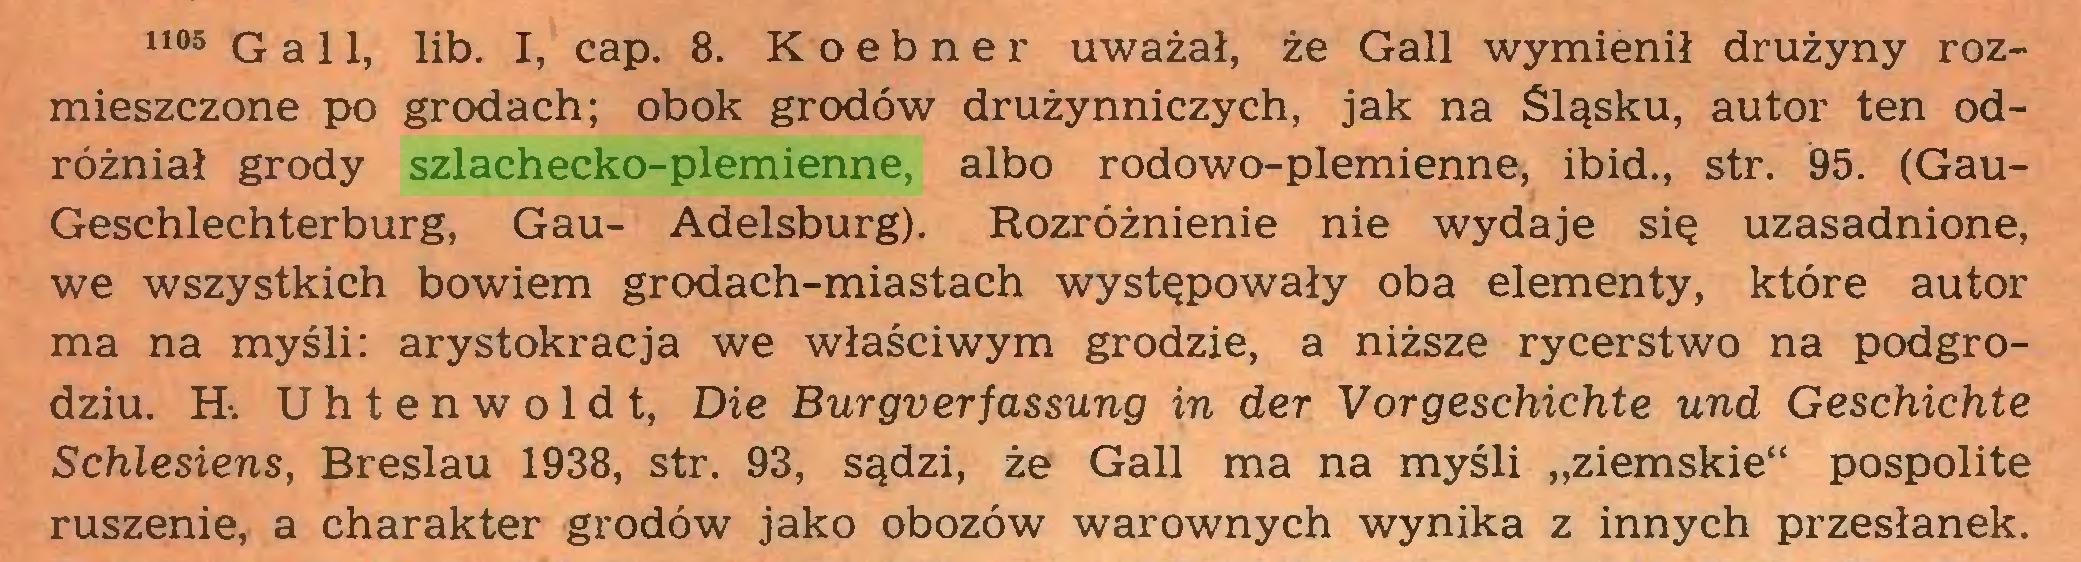 """(...) 1105 Gall, lib. I, cap. 8. Koebner uważał, że Gall wymienił drużyny rozmieszczone po grodach; obok grodów drużynniczych, jak na Śląsku, autor ten odróżniał grody szlachecko-plemienne, albo rodowo-plemienne, ibid., str. 95. (GauGeschlechterburg, Gau- Adelsburg). Rozróżnienie nie wydaje się uzasadnione, we wszystkich bowiem grodach-miastach występowały oba elementy, które autor ma na myśli: arystokracja we właściwym grodzie, a niższe rycerstwo na podgrodziu. H-. U h t e n w o 1 d t, Die Burgverfassung in der Vorgeschichte und Geschichte Schlesiens, Breslau 1938, str. 93, sądzi, że Gall ma na myśli """"ziemskie"""" pospolite ruszenie, a charakter grodów jako obozów warownych wynika z innych przesłanek..."""